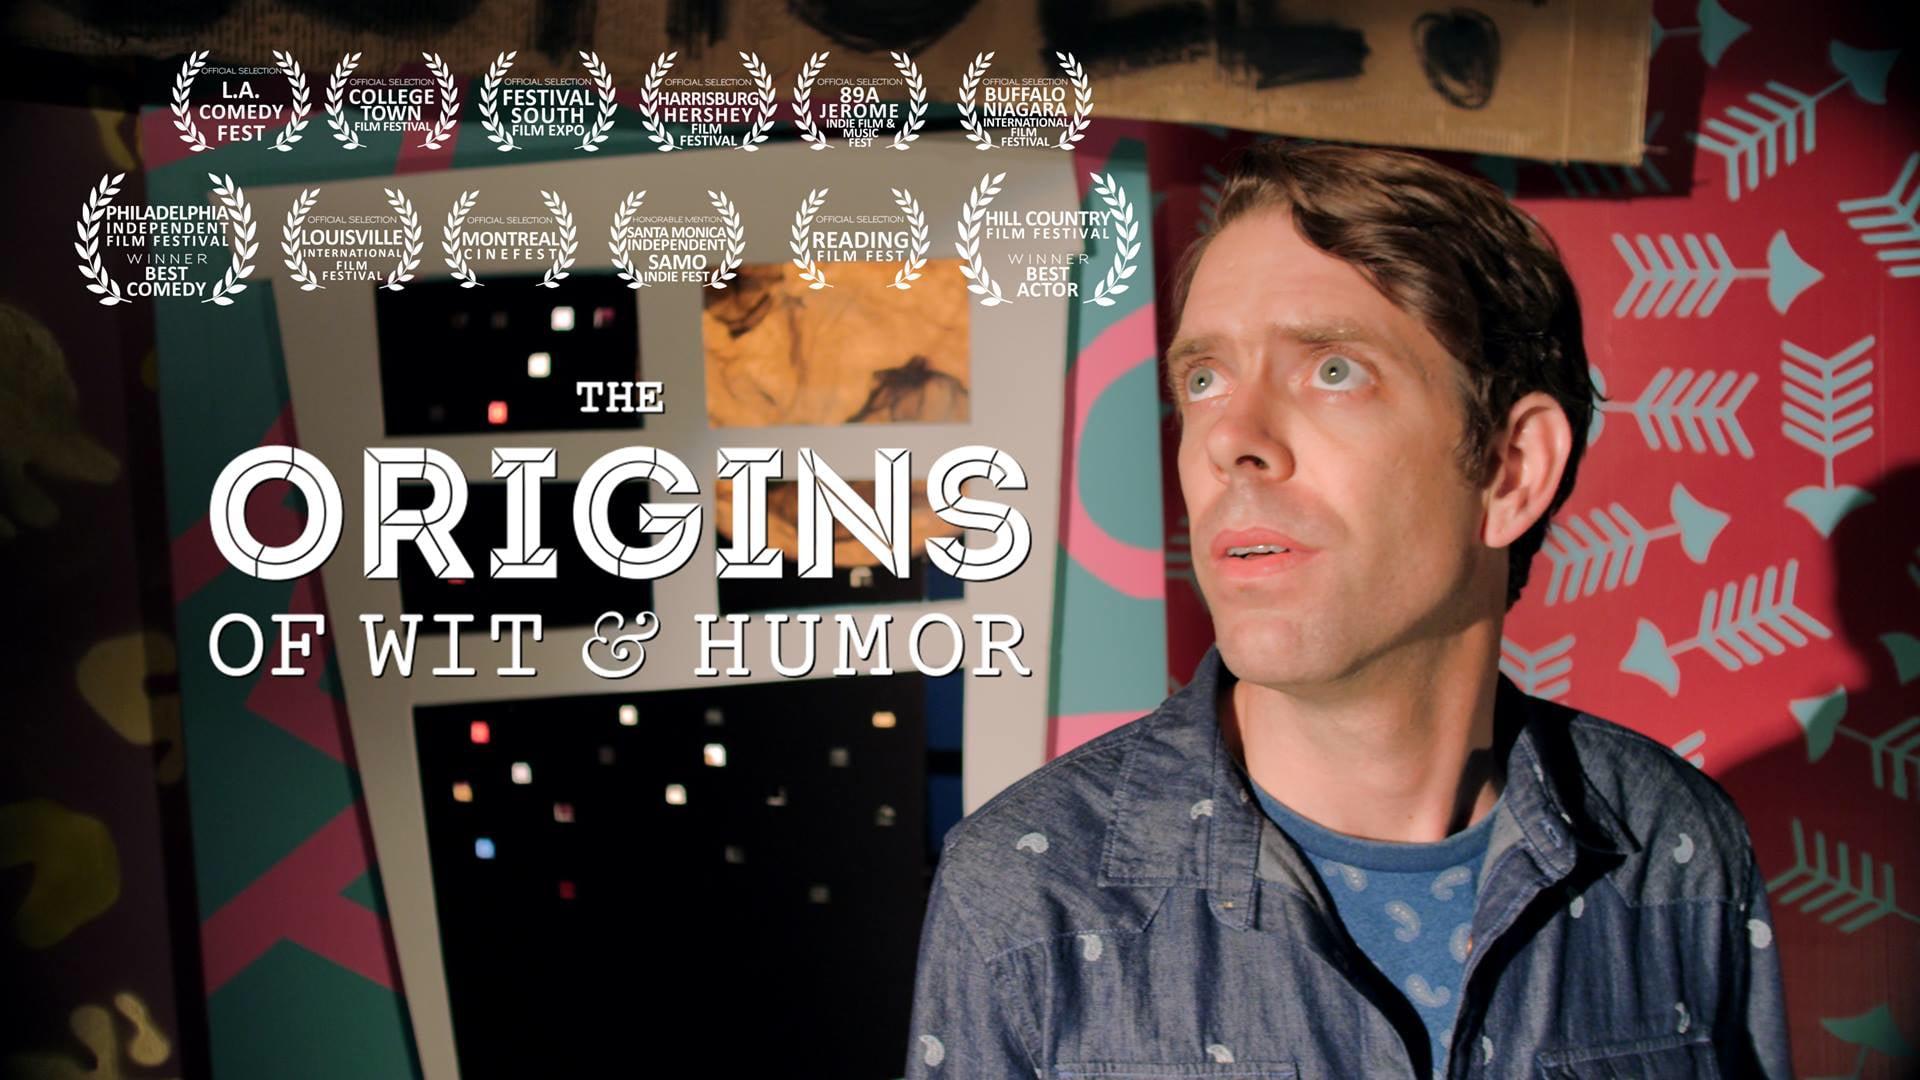 The Origins of Wit & Humor - Official Trailer - Starring Joe Hursley and Broken Lizard's Steve Lemme